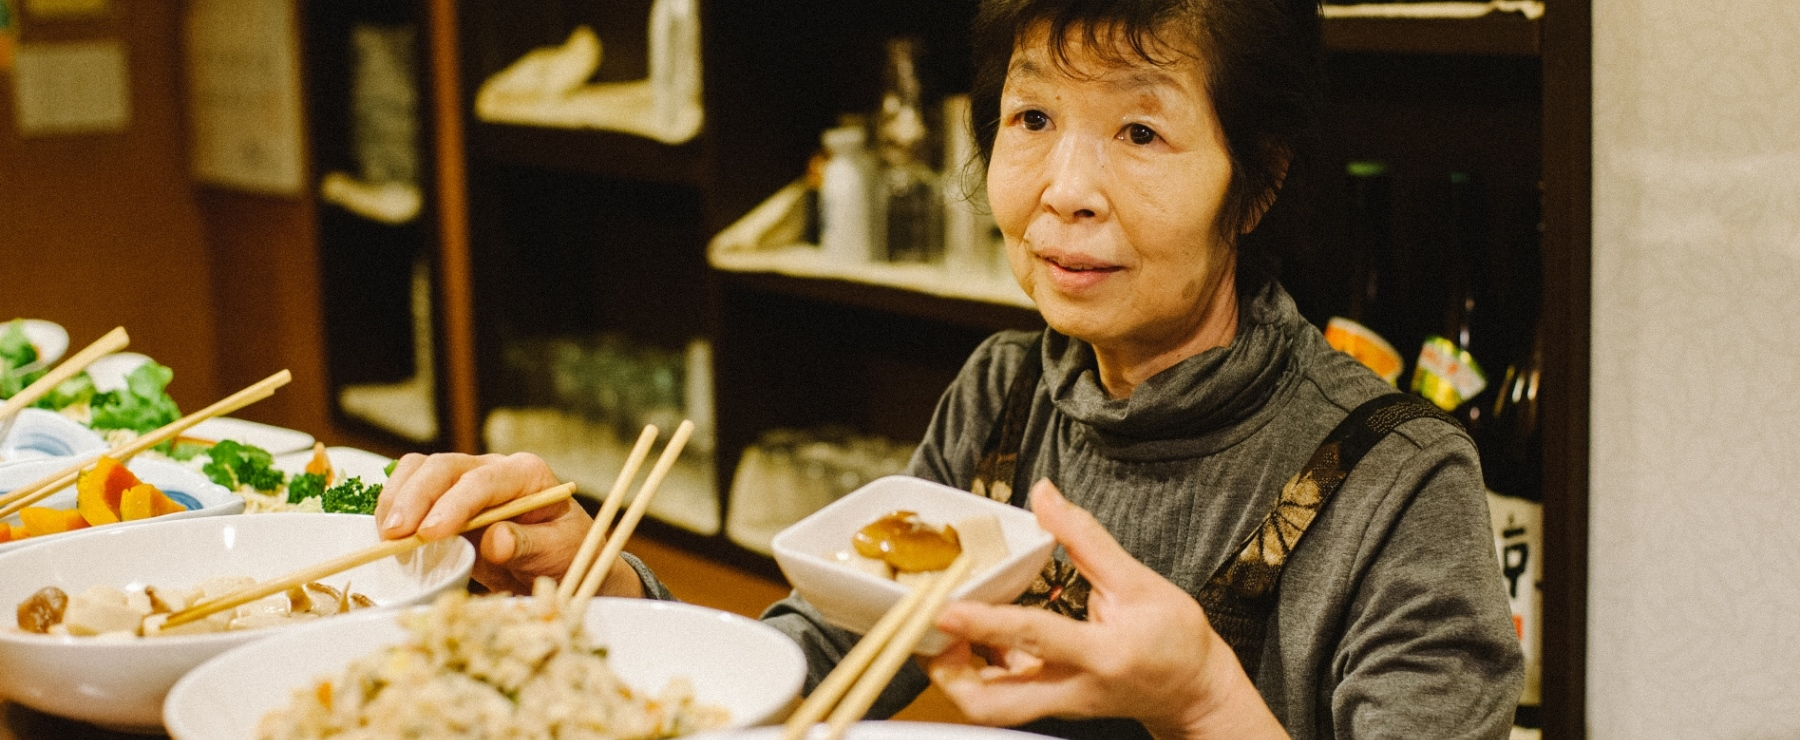 時代が変わっても在り続ける、手作り料理が自慢の大衆食堂。